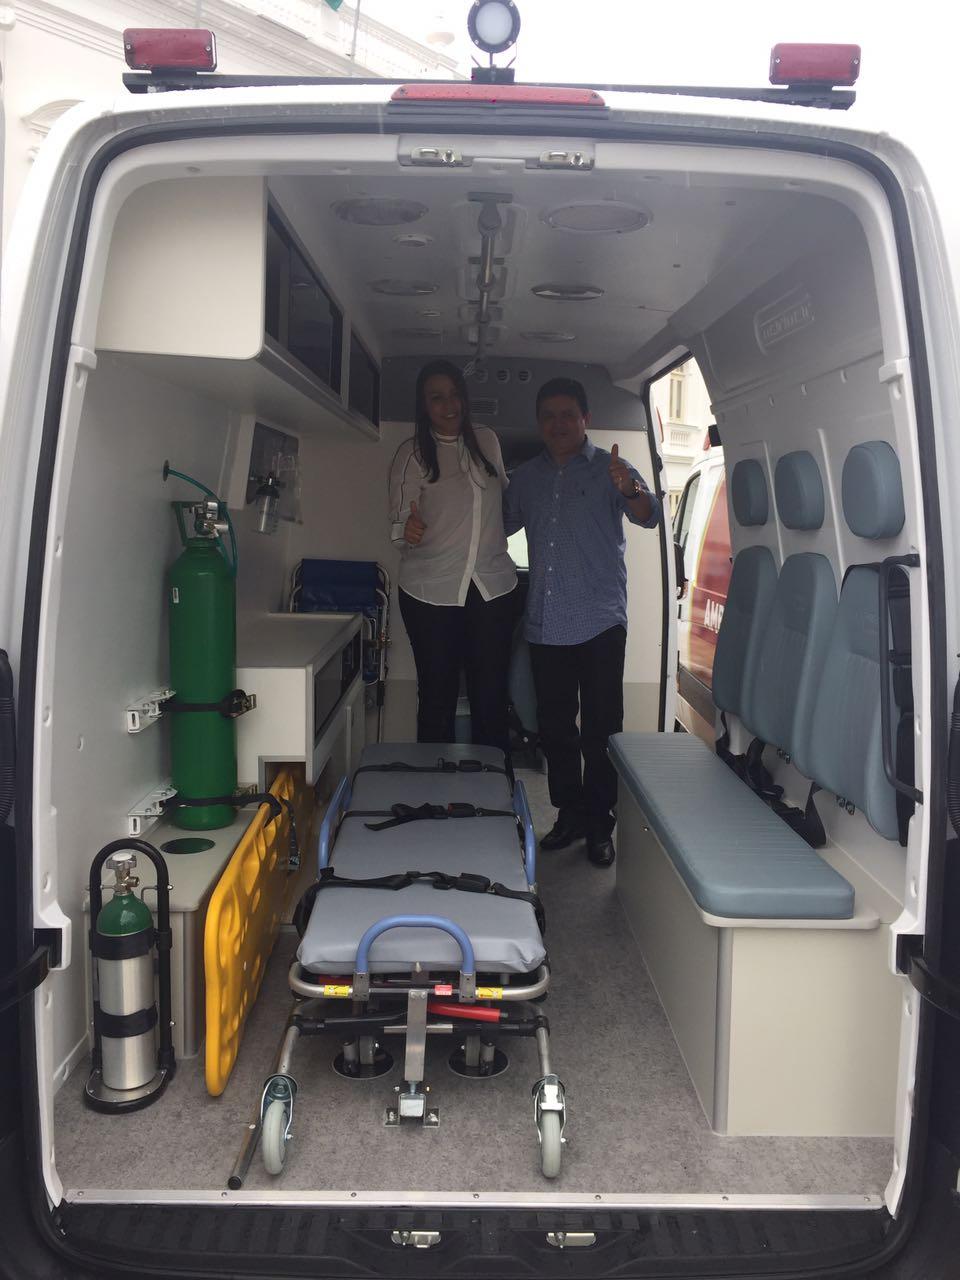 832537a3 d71e 40d1 b17e 5d2788319be2 - Rigo Teles entrega ambulância para a população do município de Arame - minuto barra